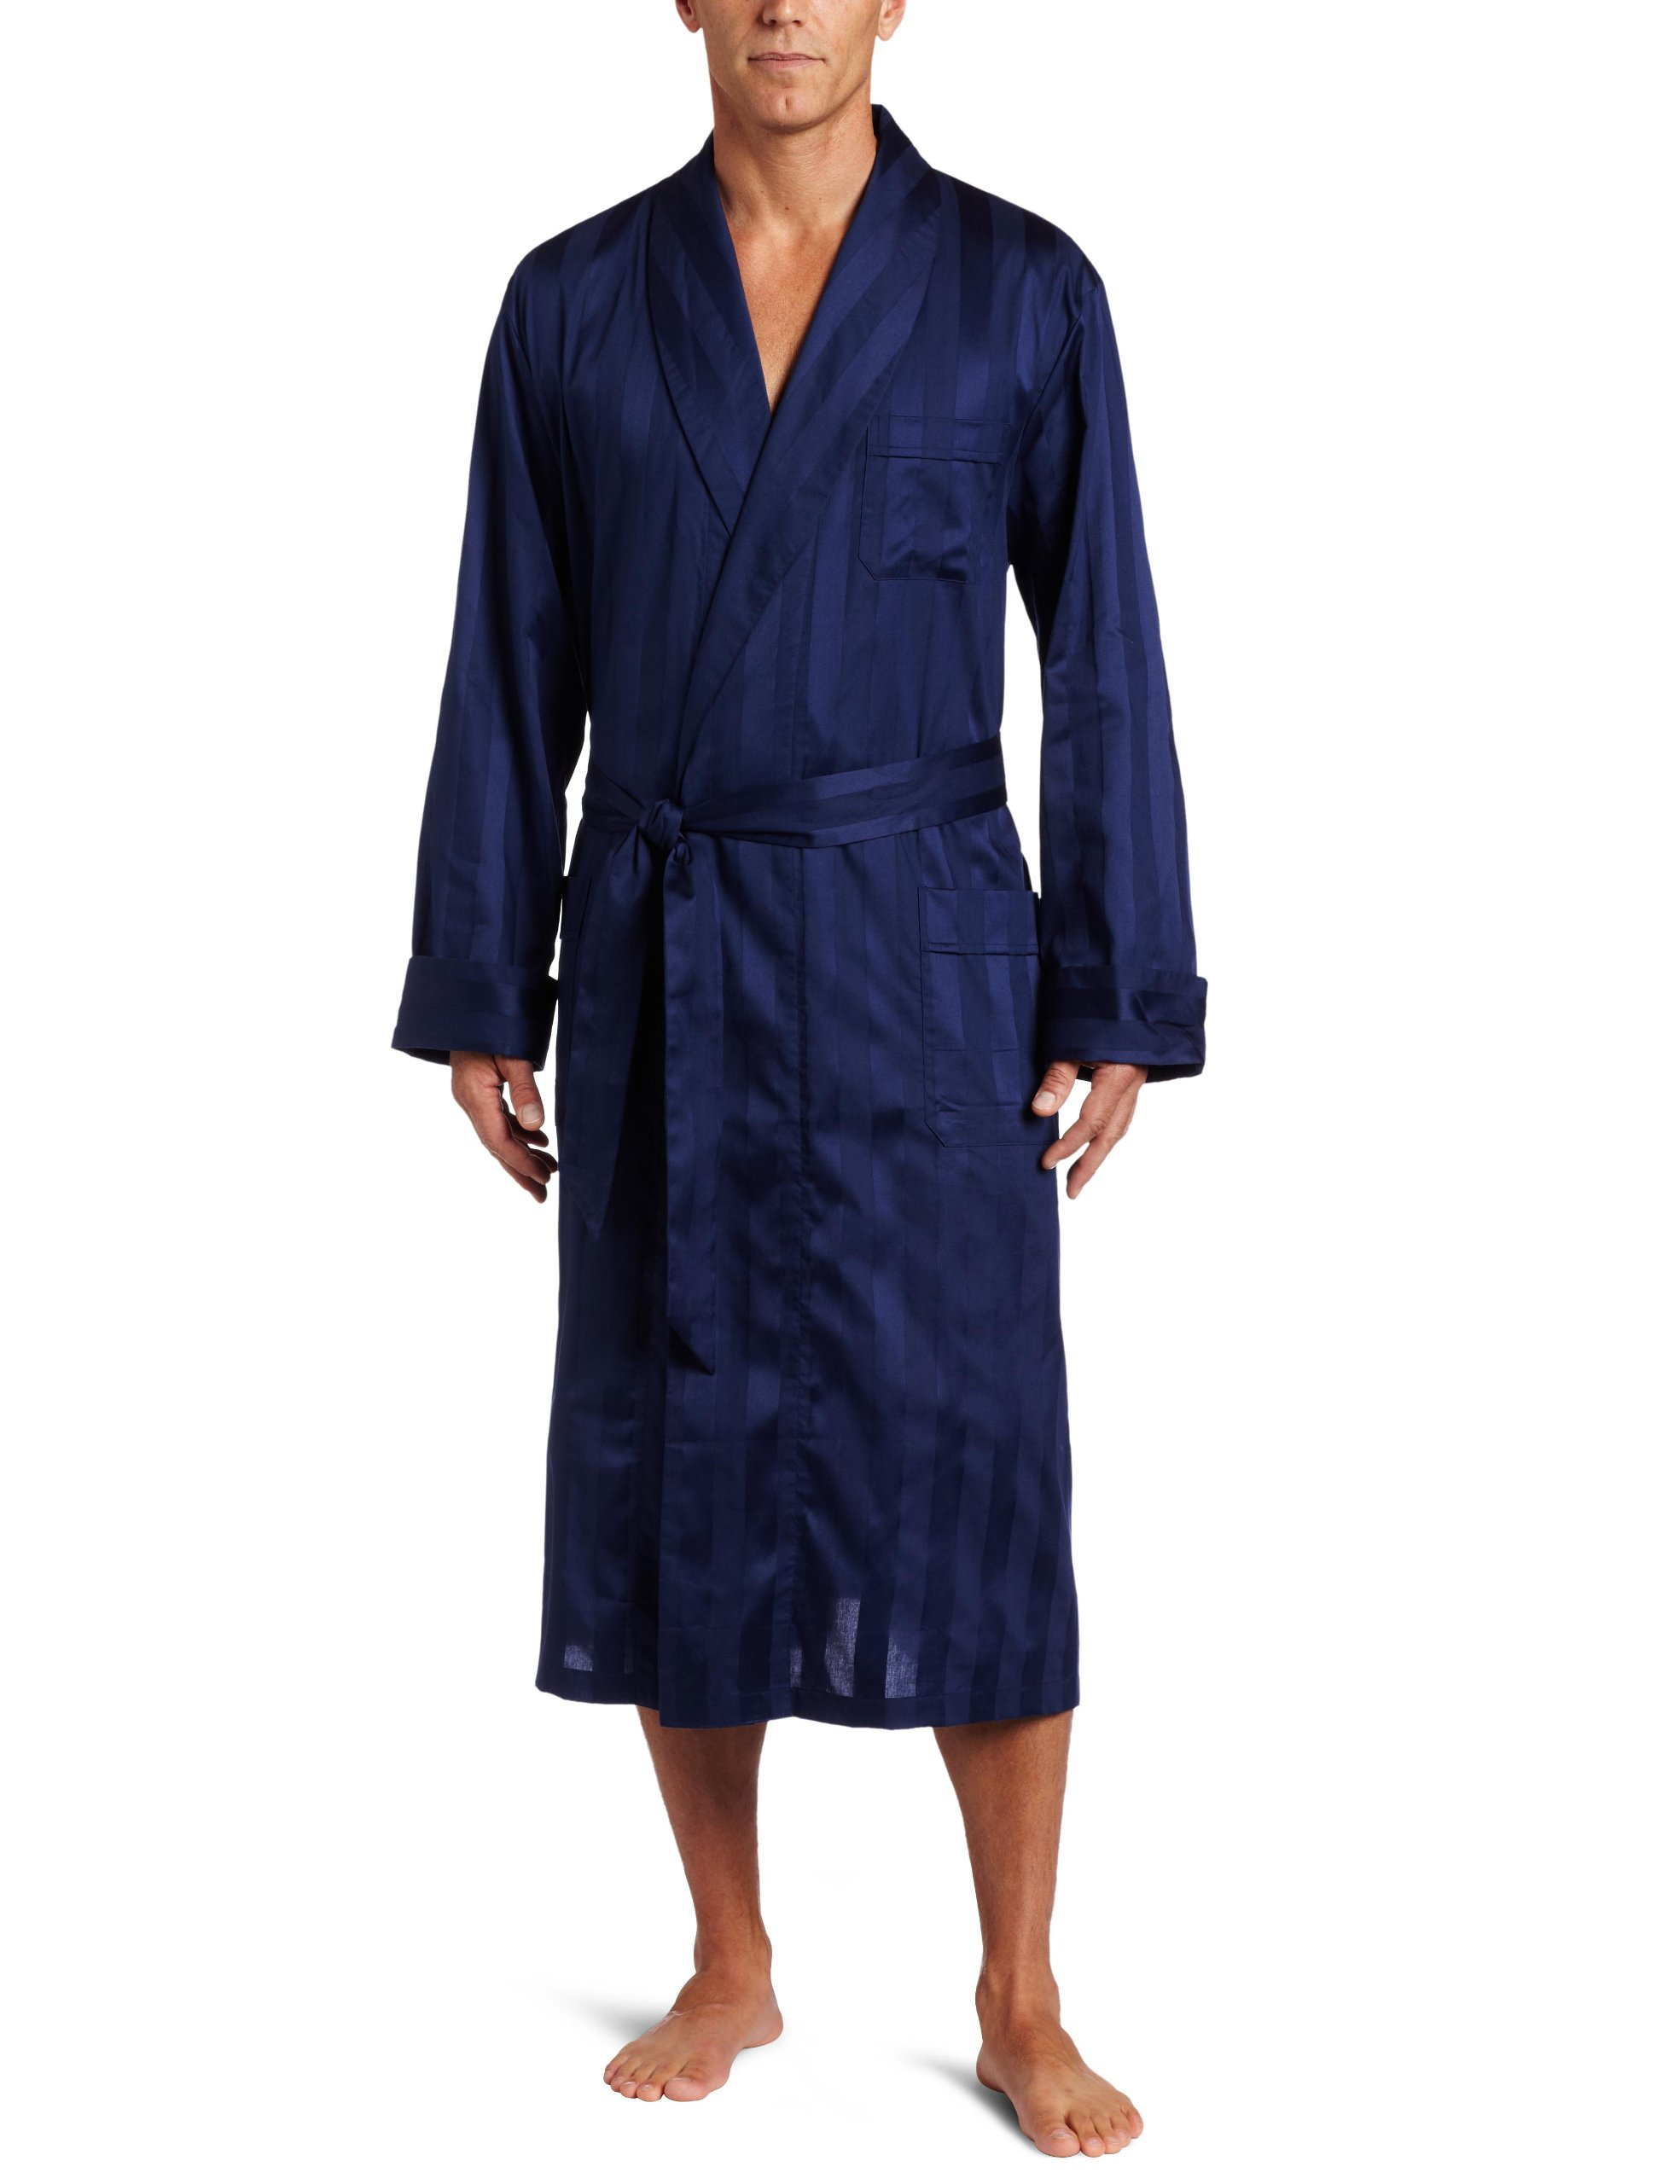 Derek Rose Men's Lingfield Robe, Navy, X-Large